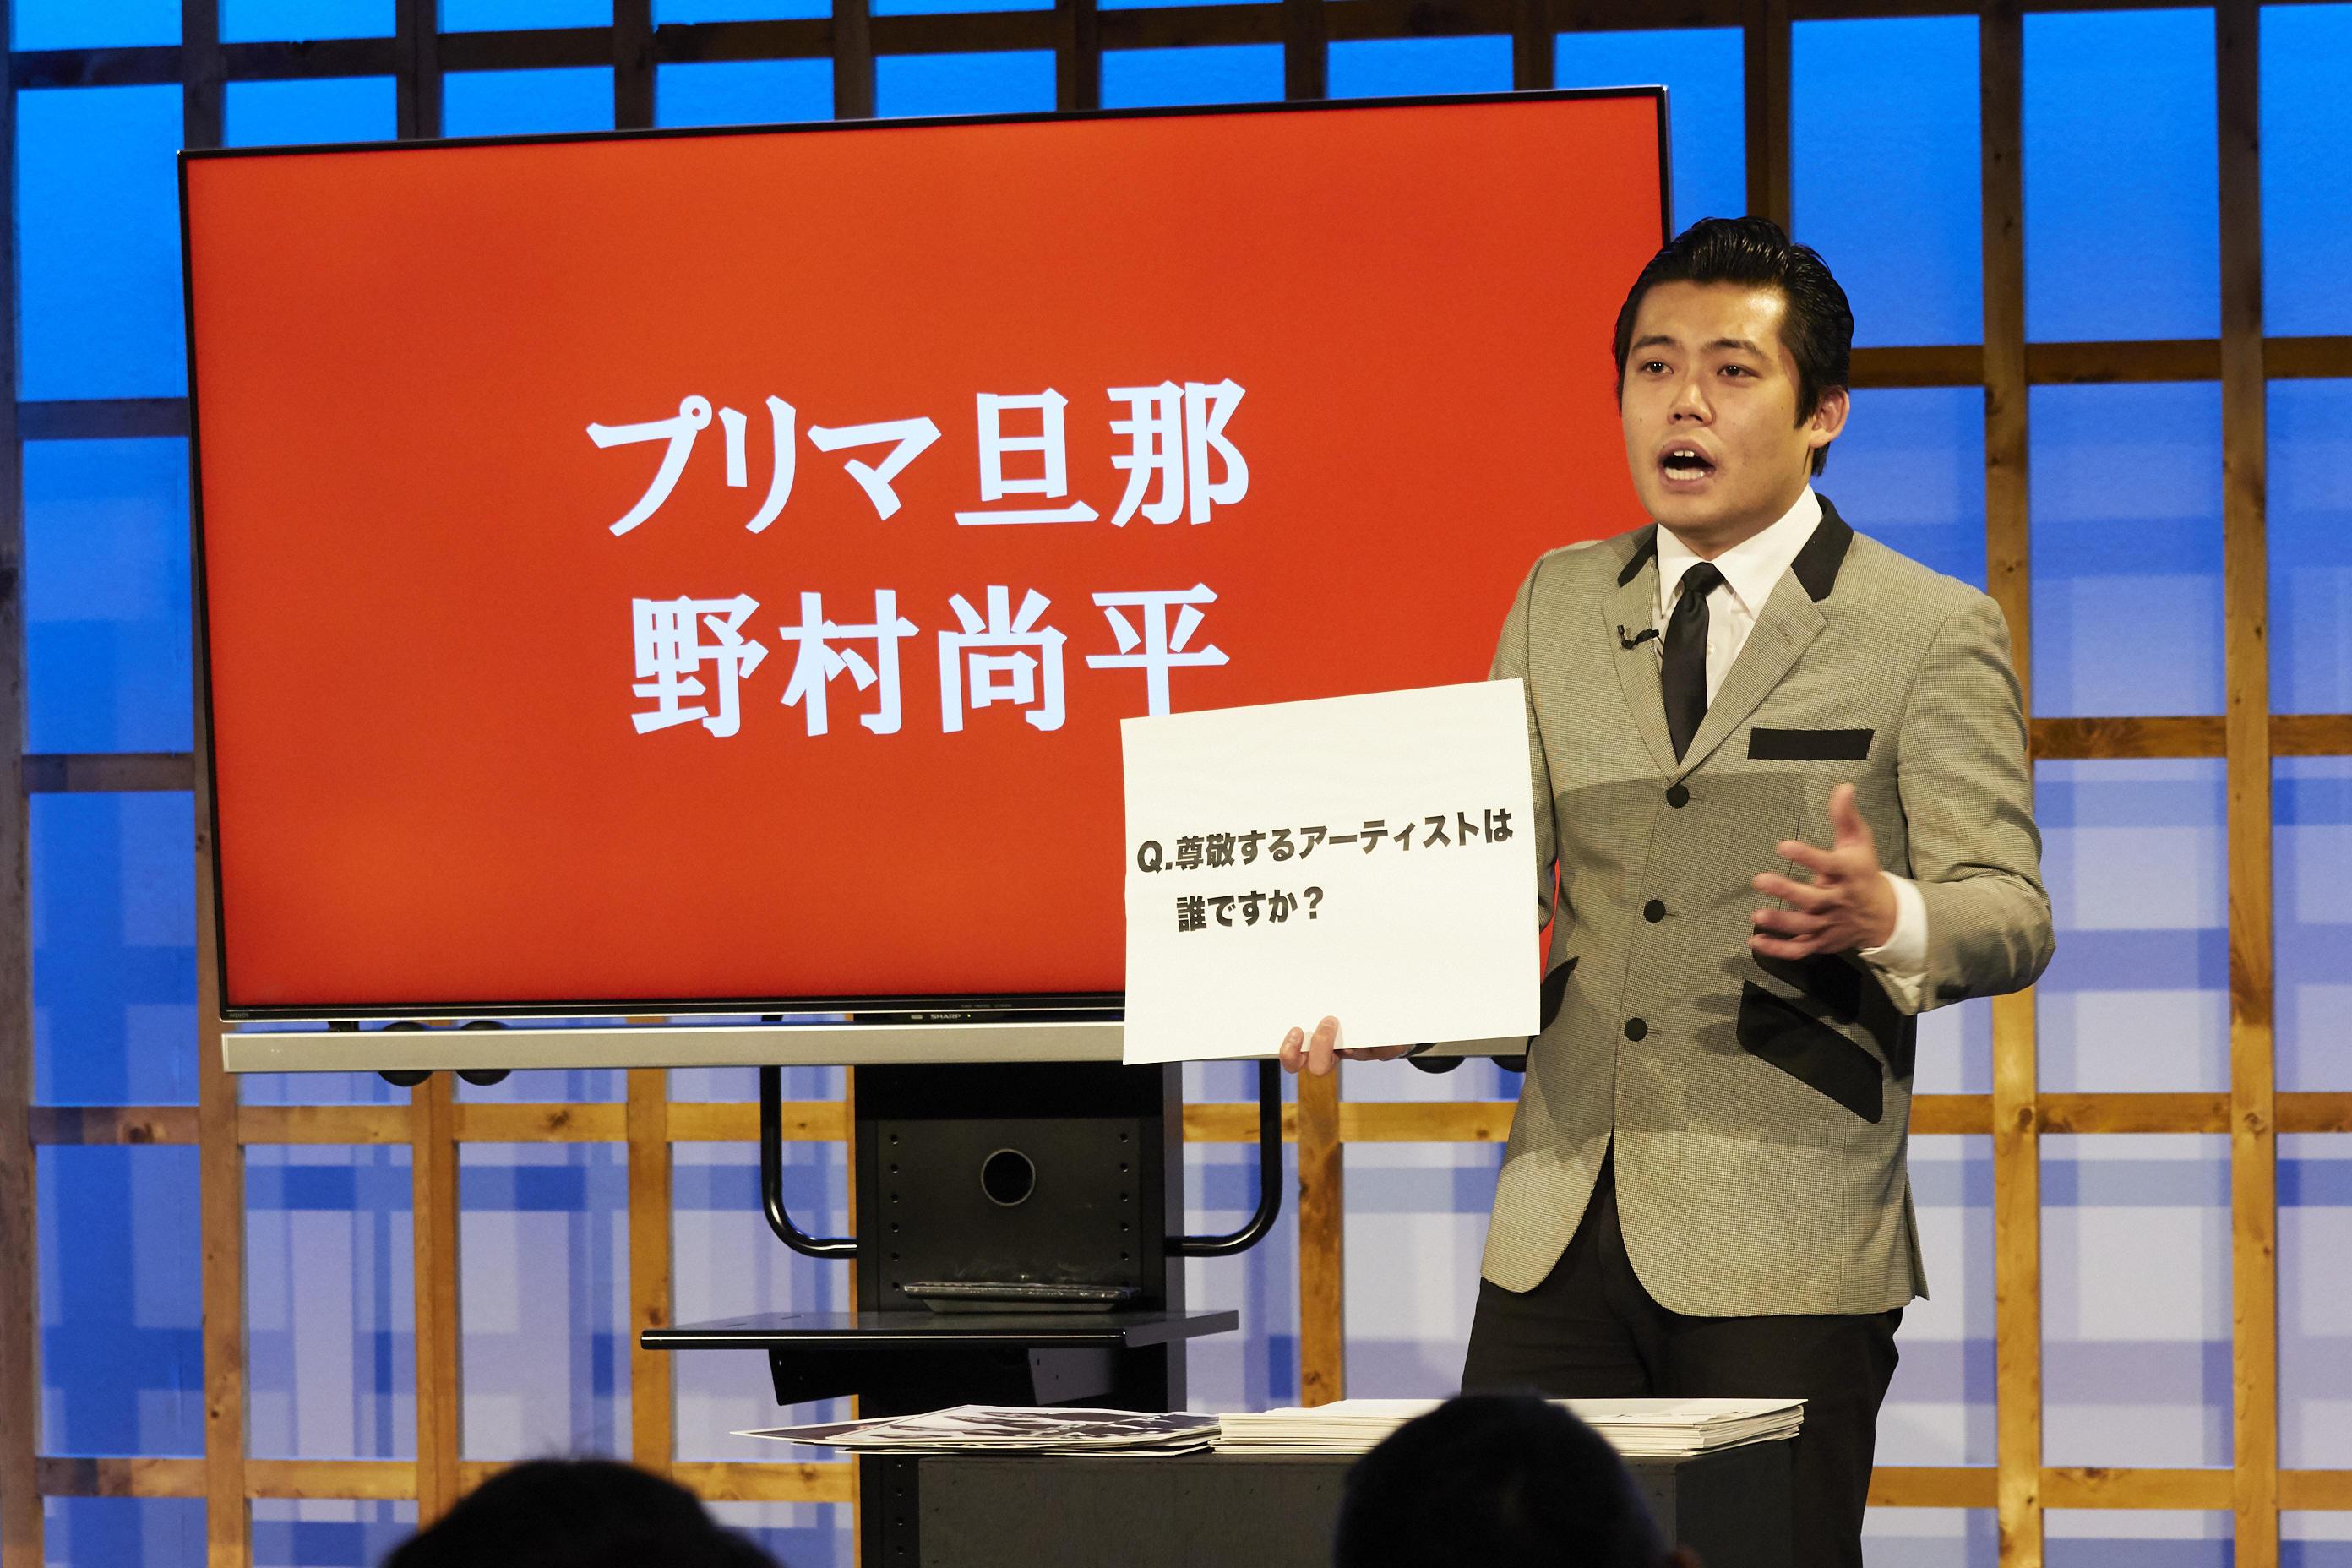 http://news.yoshimoto.co.jp/20180401101115-7243ba50c2cdfb4f9948af8e655f7e354b688350.jpg